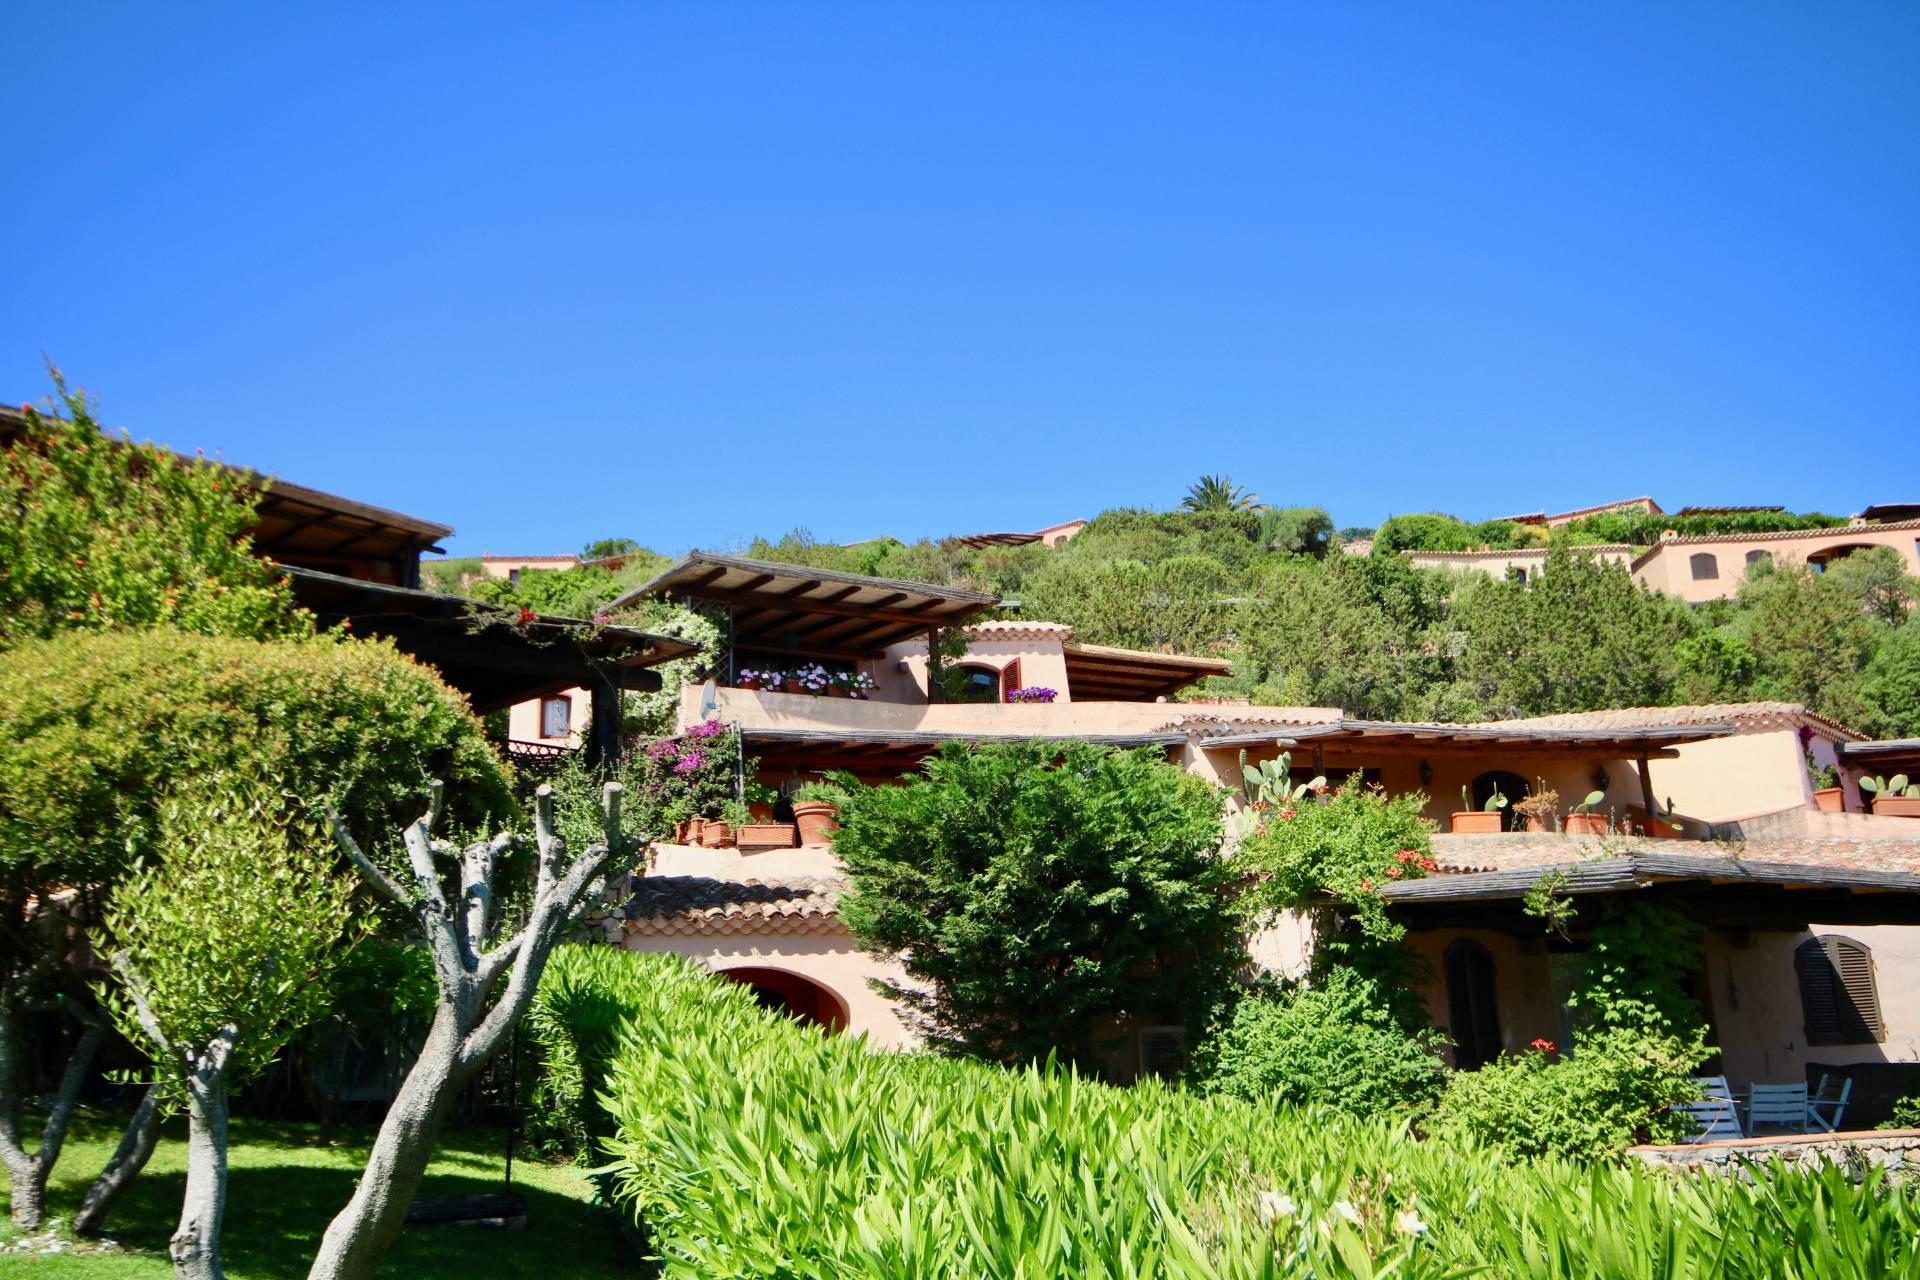 Appartamento in vendita a Arzachena - Porto Cervo, 5 locali, zona ro, prezzo € 580.000 | PortaleAgenzieImmobiliari.it